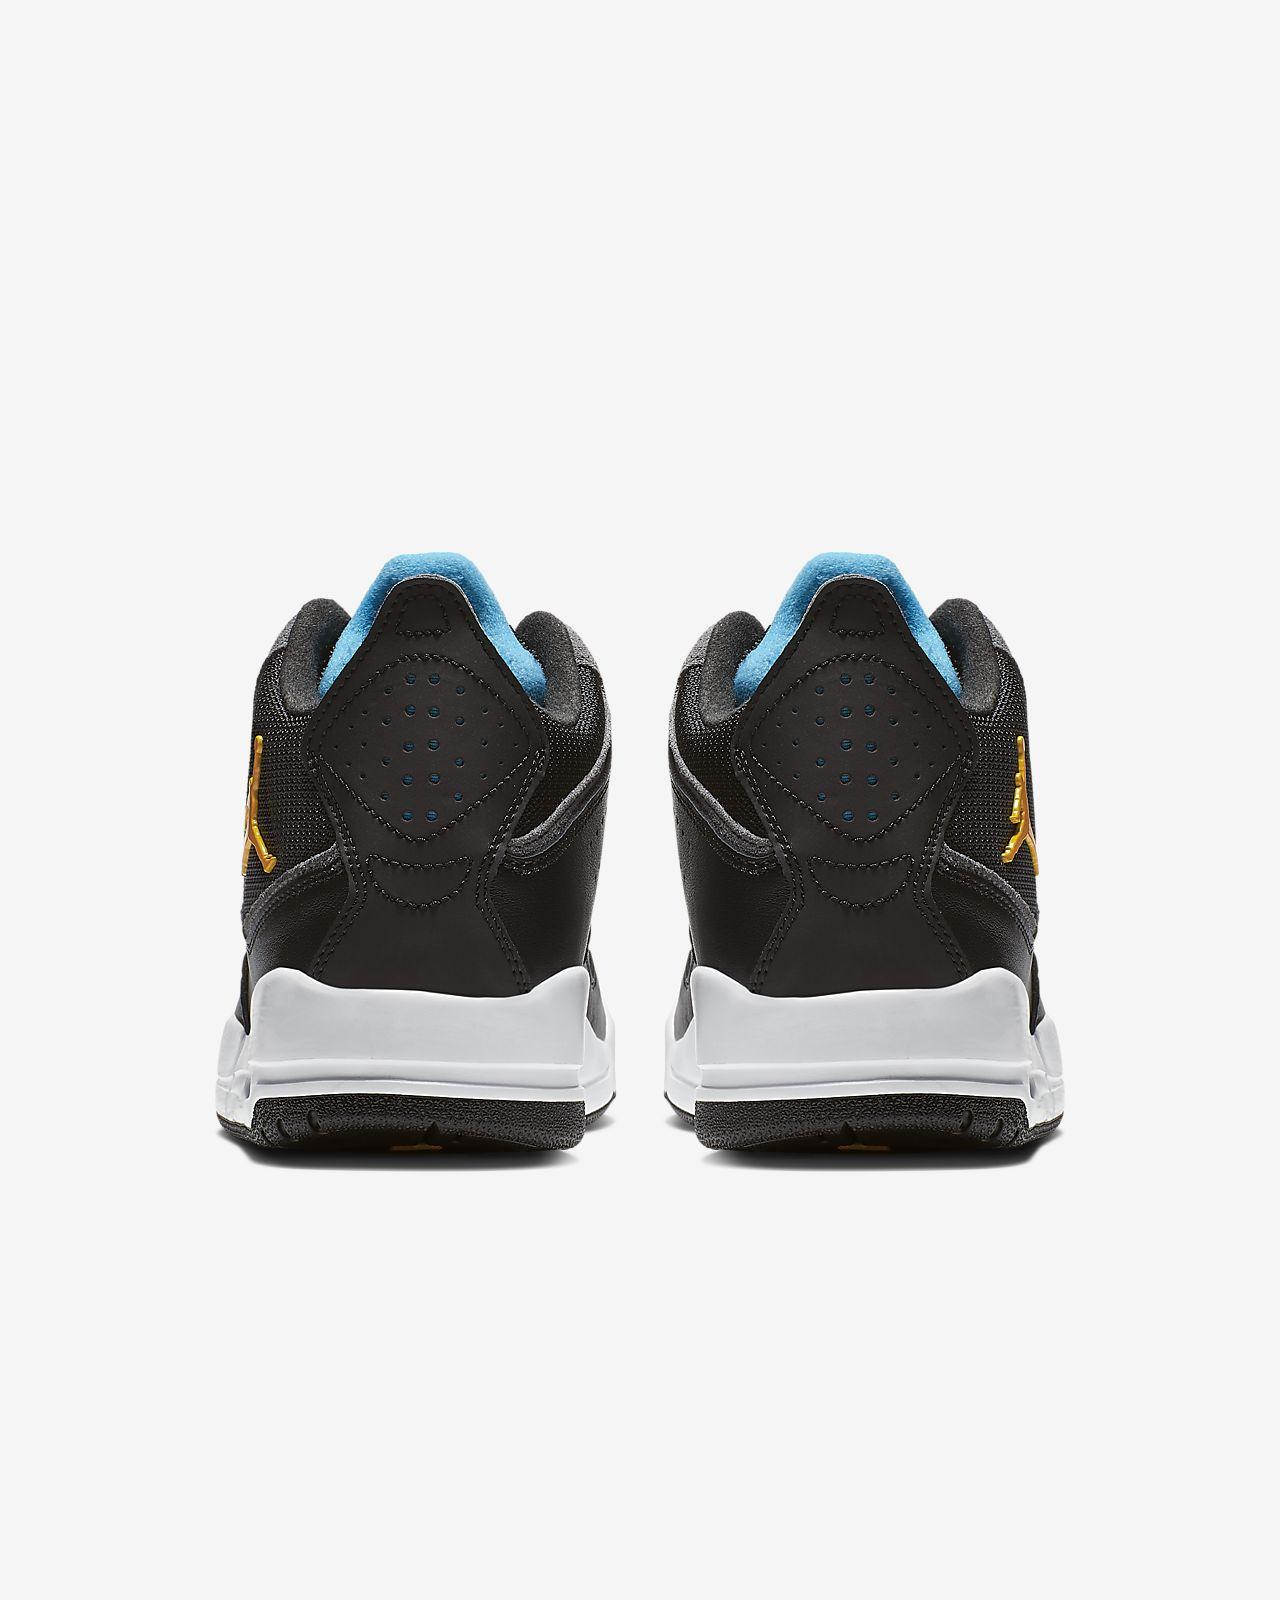 80565baa6134b1 Jordan Courtside 23 Men s Shoe. Nike.com GB